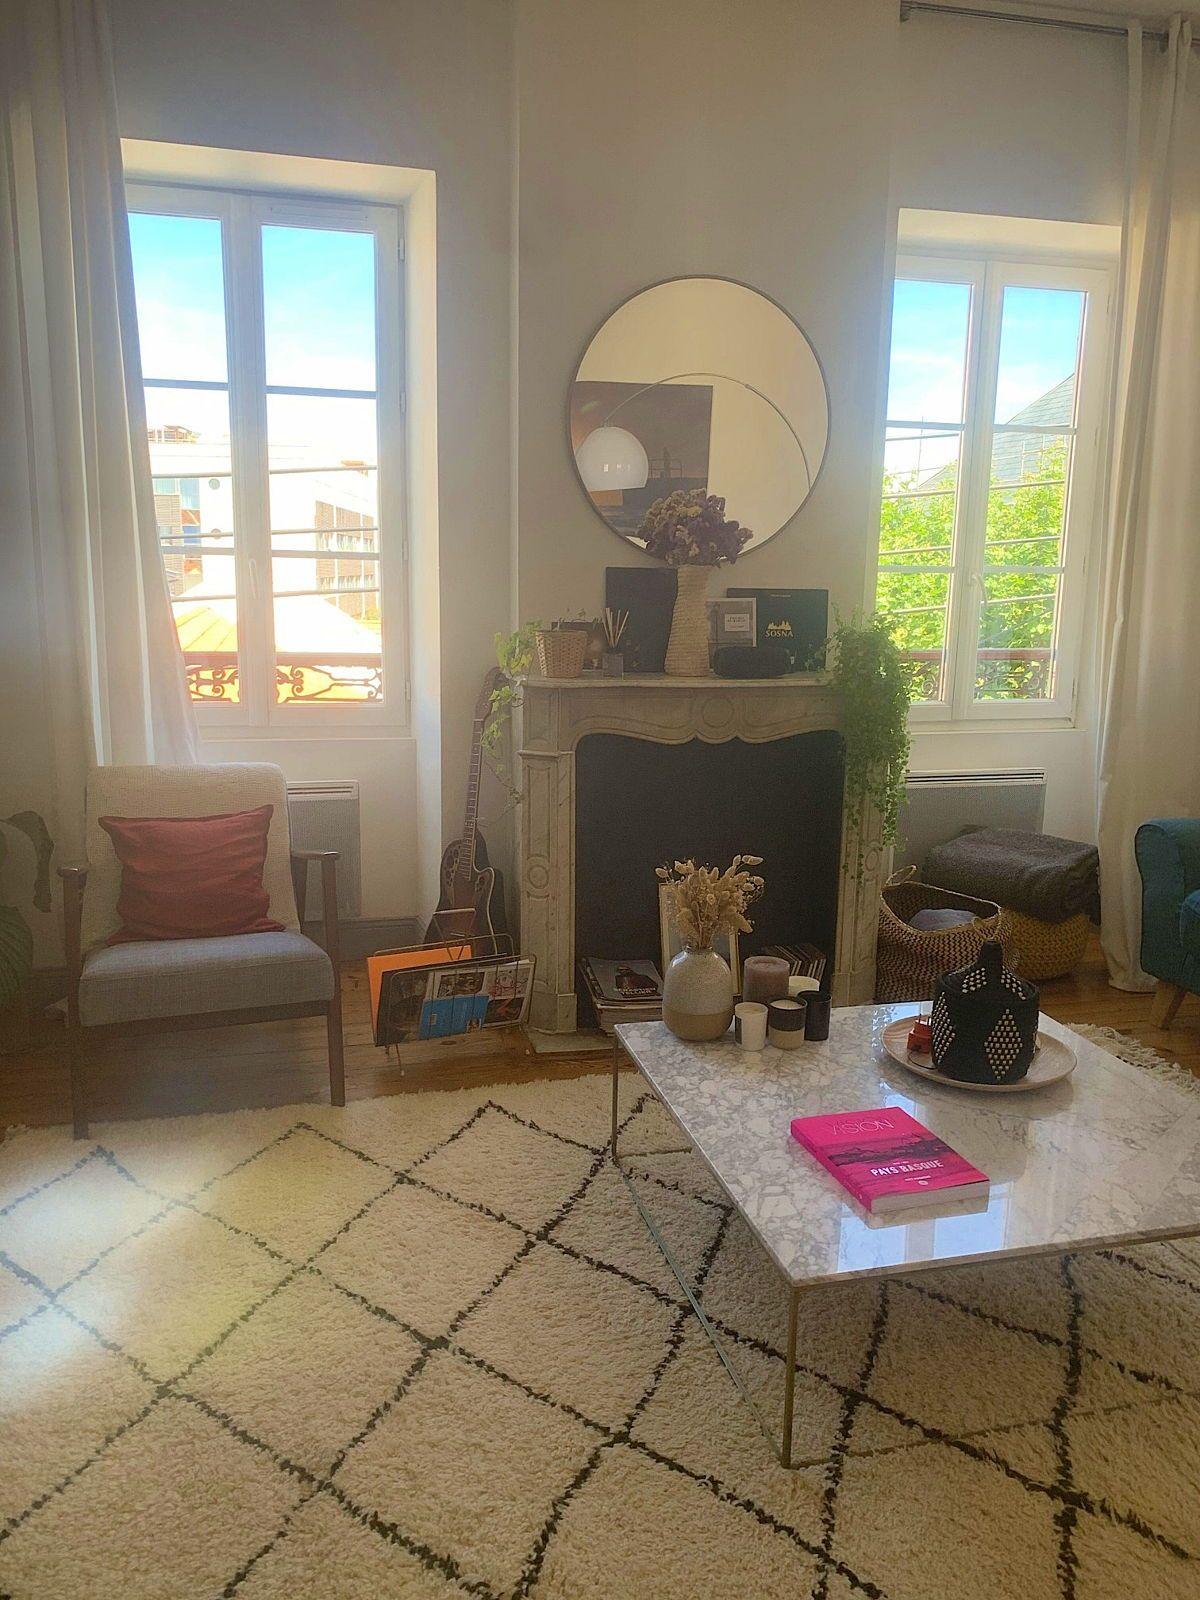 Location appartement Biarritz (64) Côte des Basques 4couchages